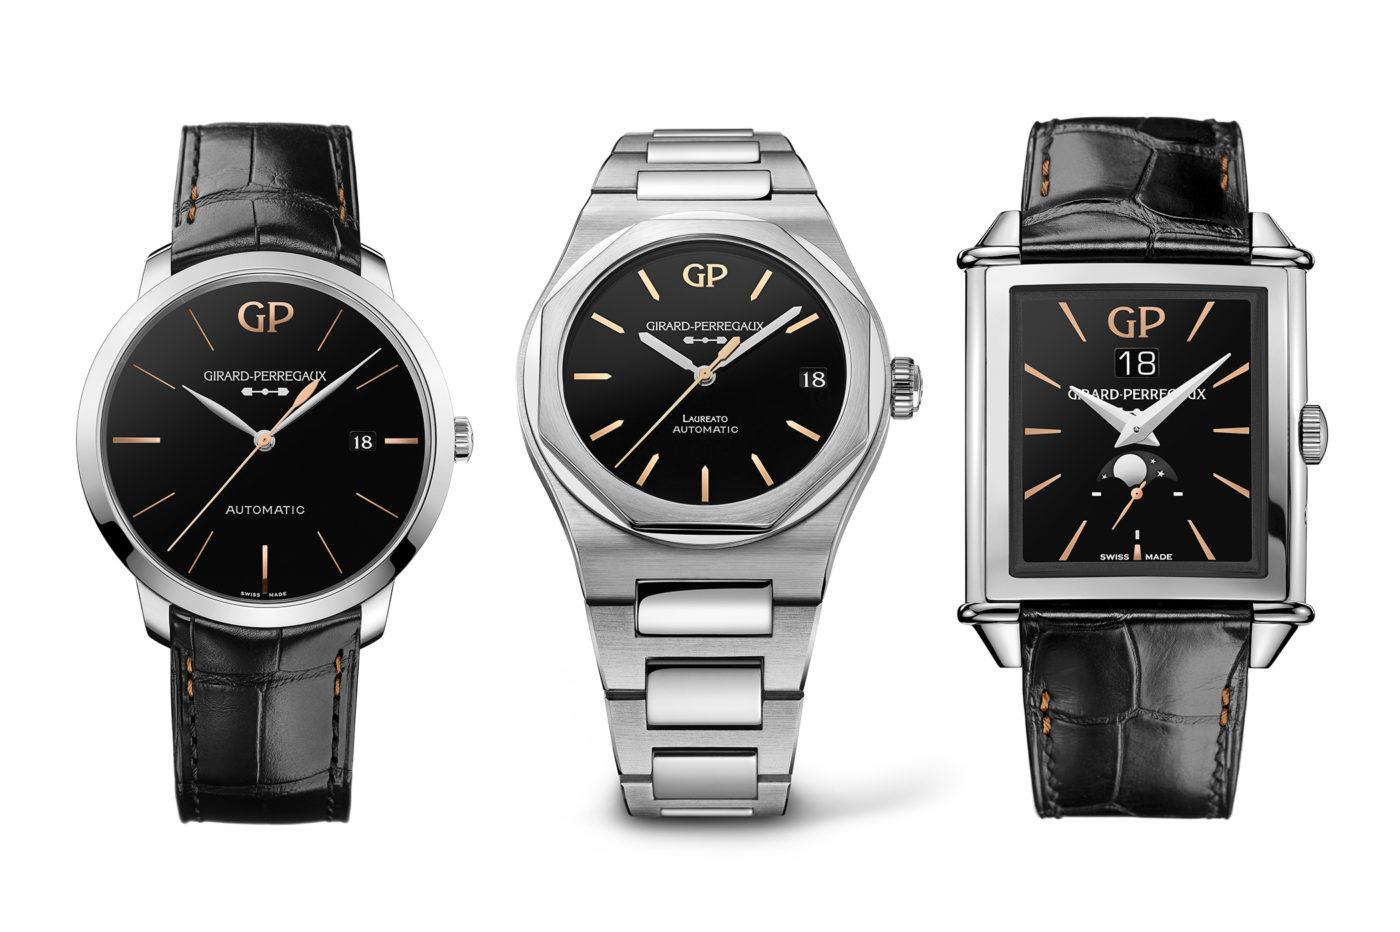 Girard-Perregaux Inifinity Editions – GWD 2020 [dostępność, cena]